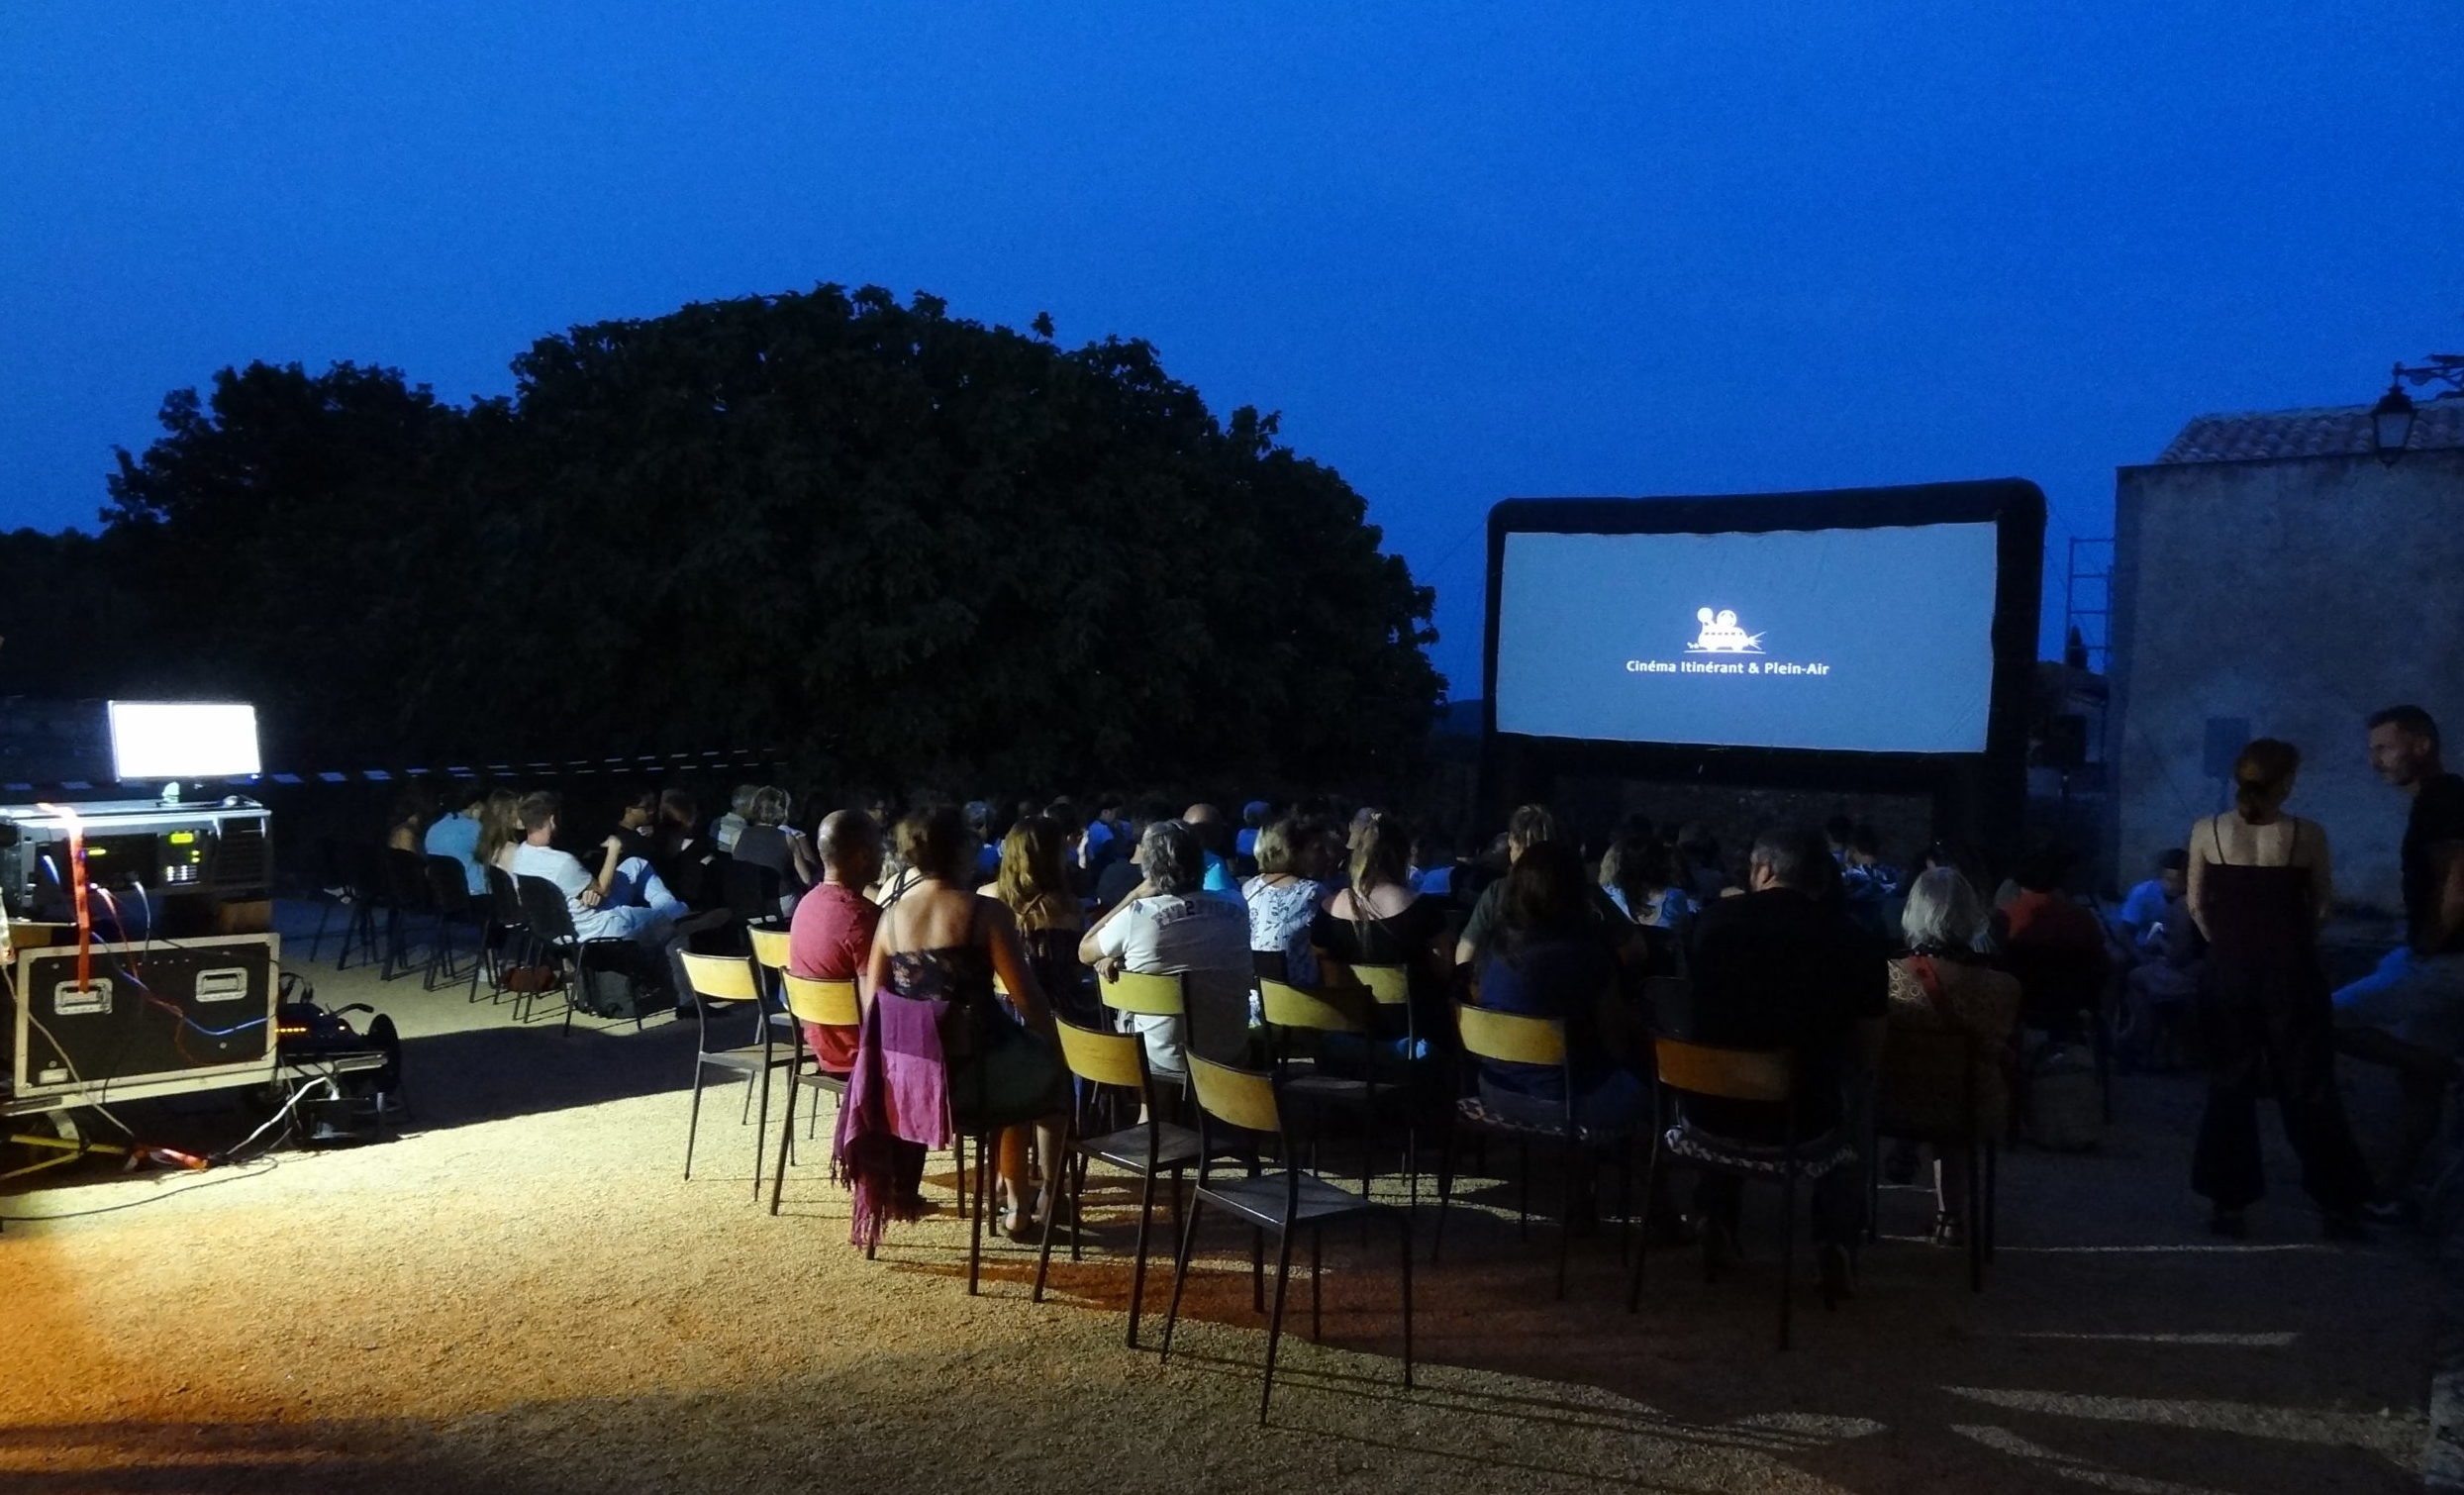 Séance de cinéma en plein air. Photo : Christophe Colrat